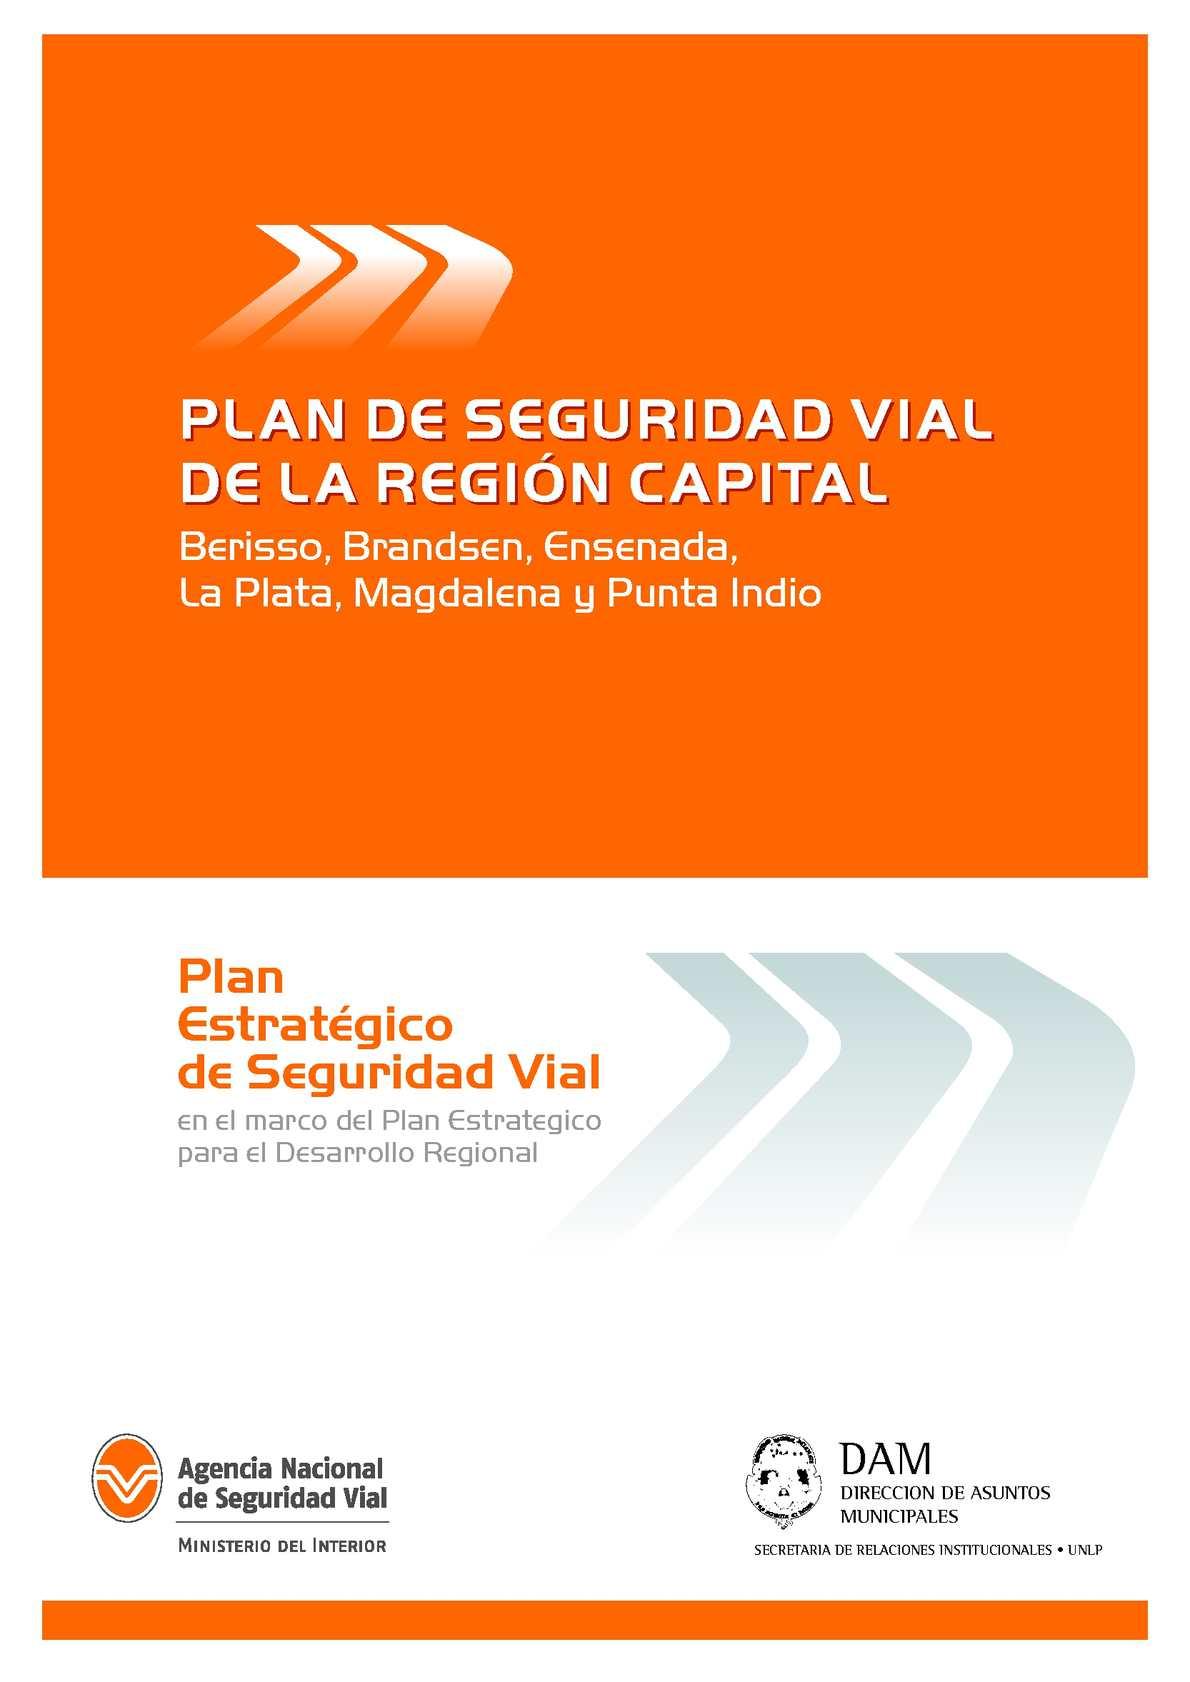 Plan Estrategico de Seguridad Vial argentina 2010.2020